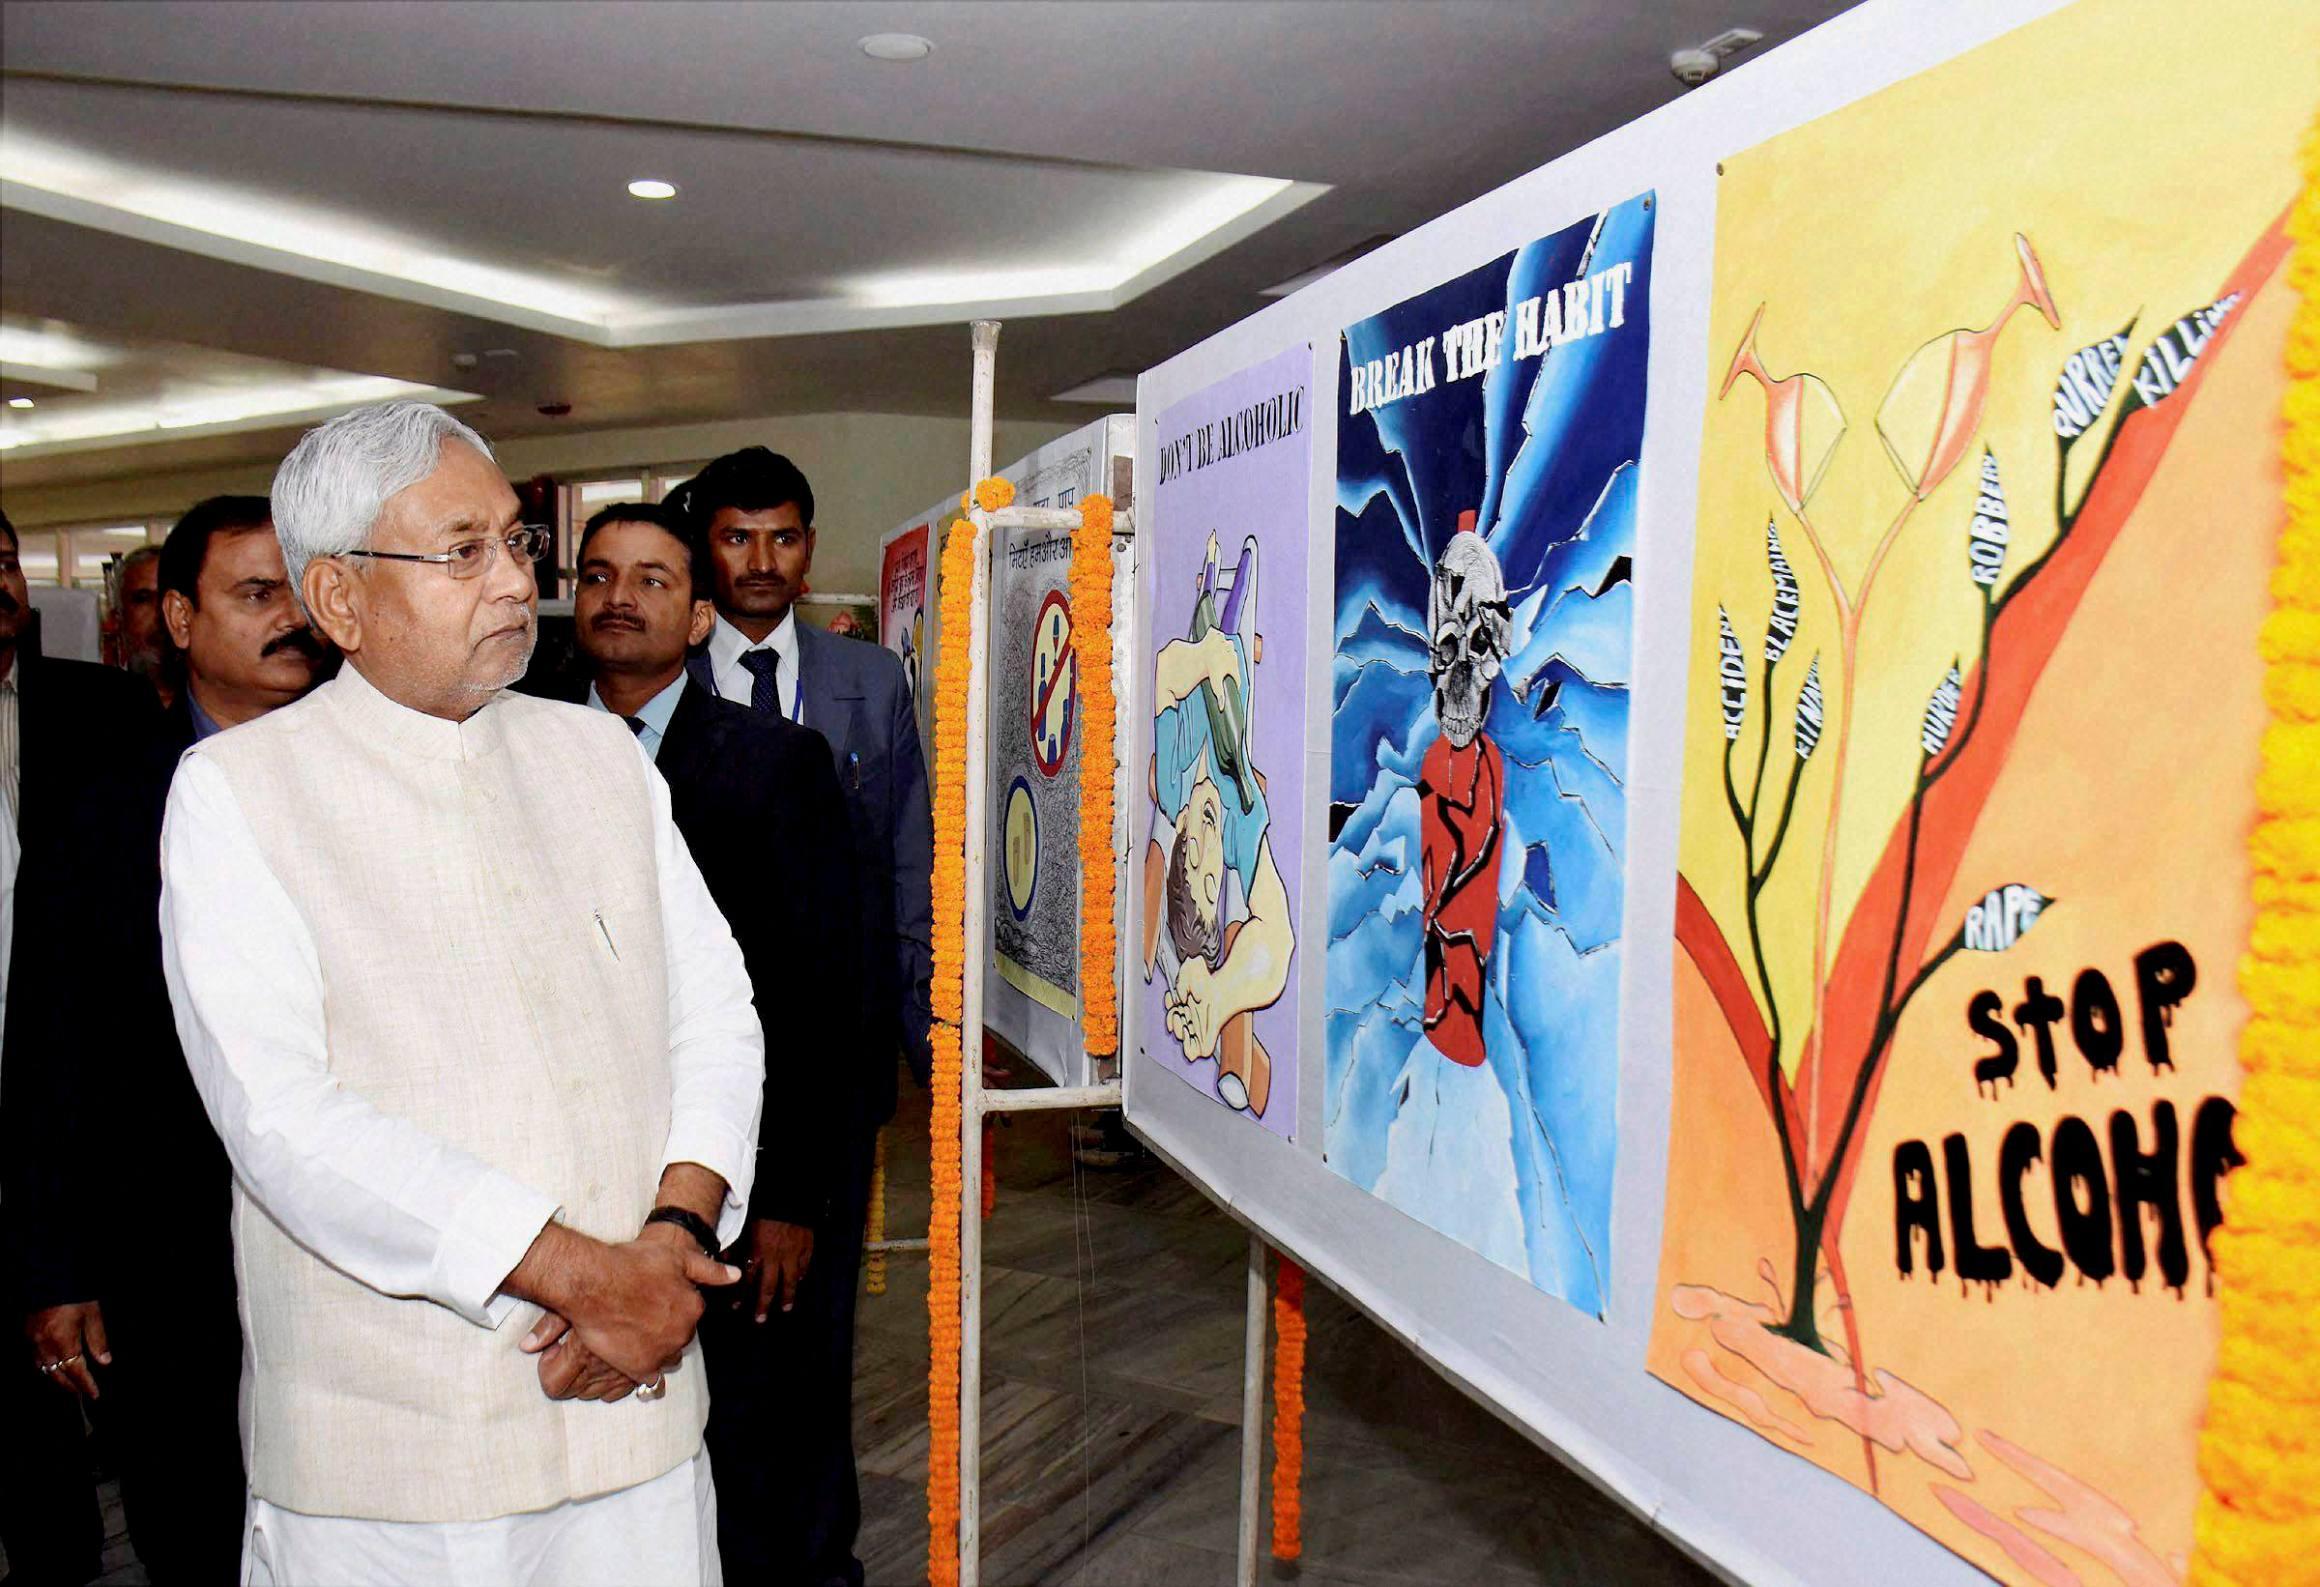 بہار کے وزیراعلیٰ نتیش کمار پٹنہ میں شراب بندی کے پوسٹر دیکھتے ہوئے۔ (فوٹو: پی ٹی آئی)